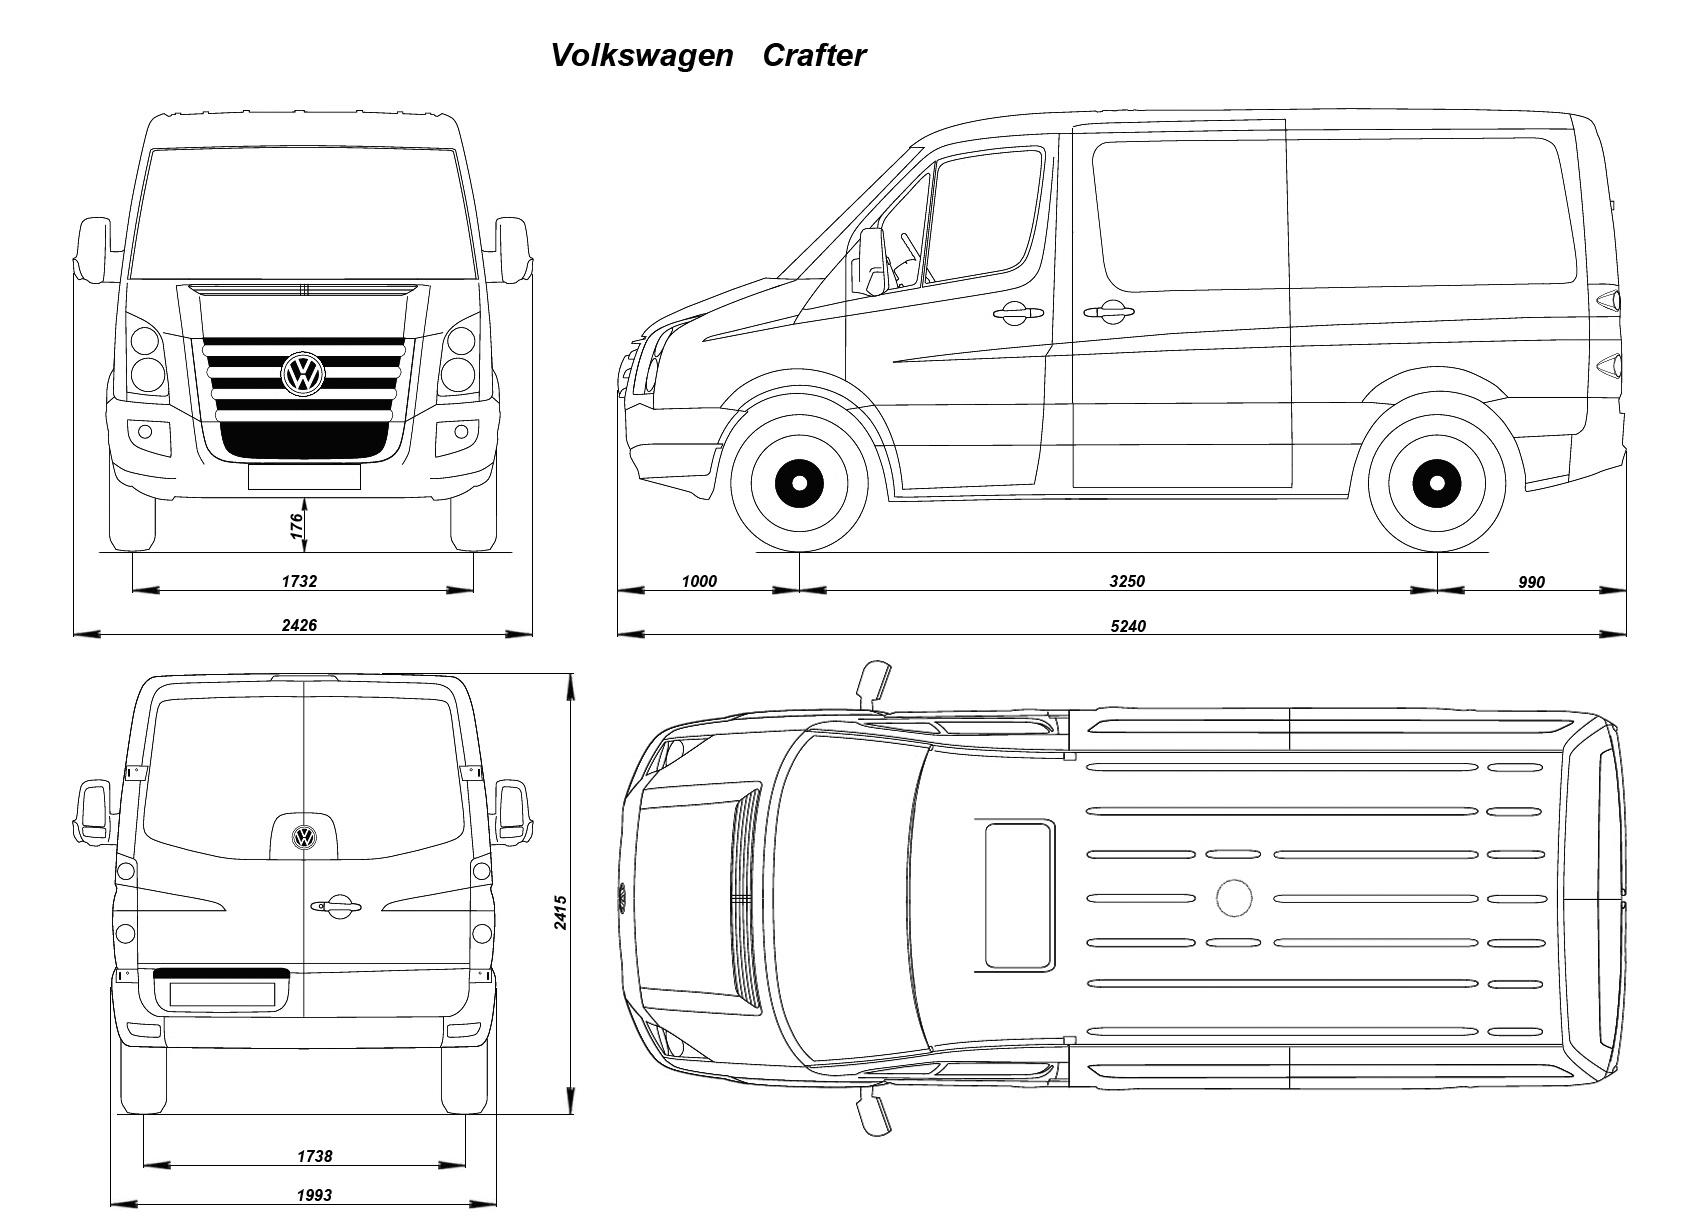 Volkswagen Crafter blueprint